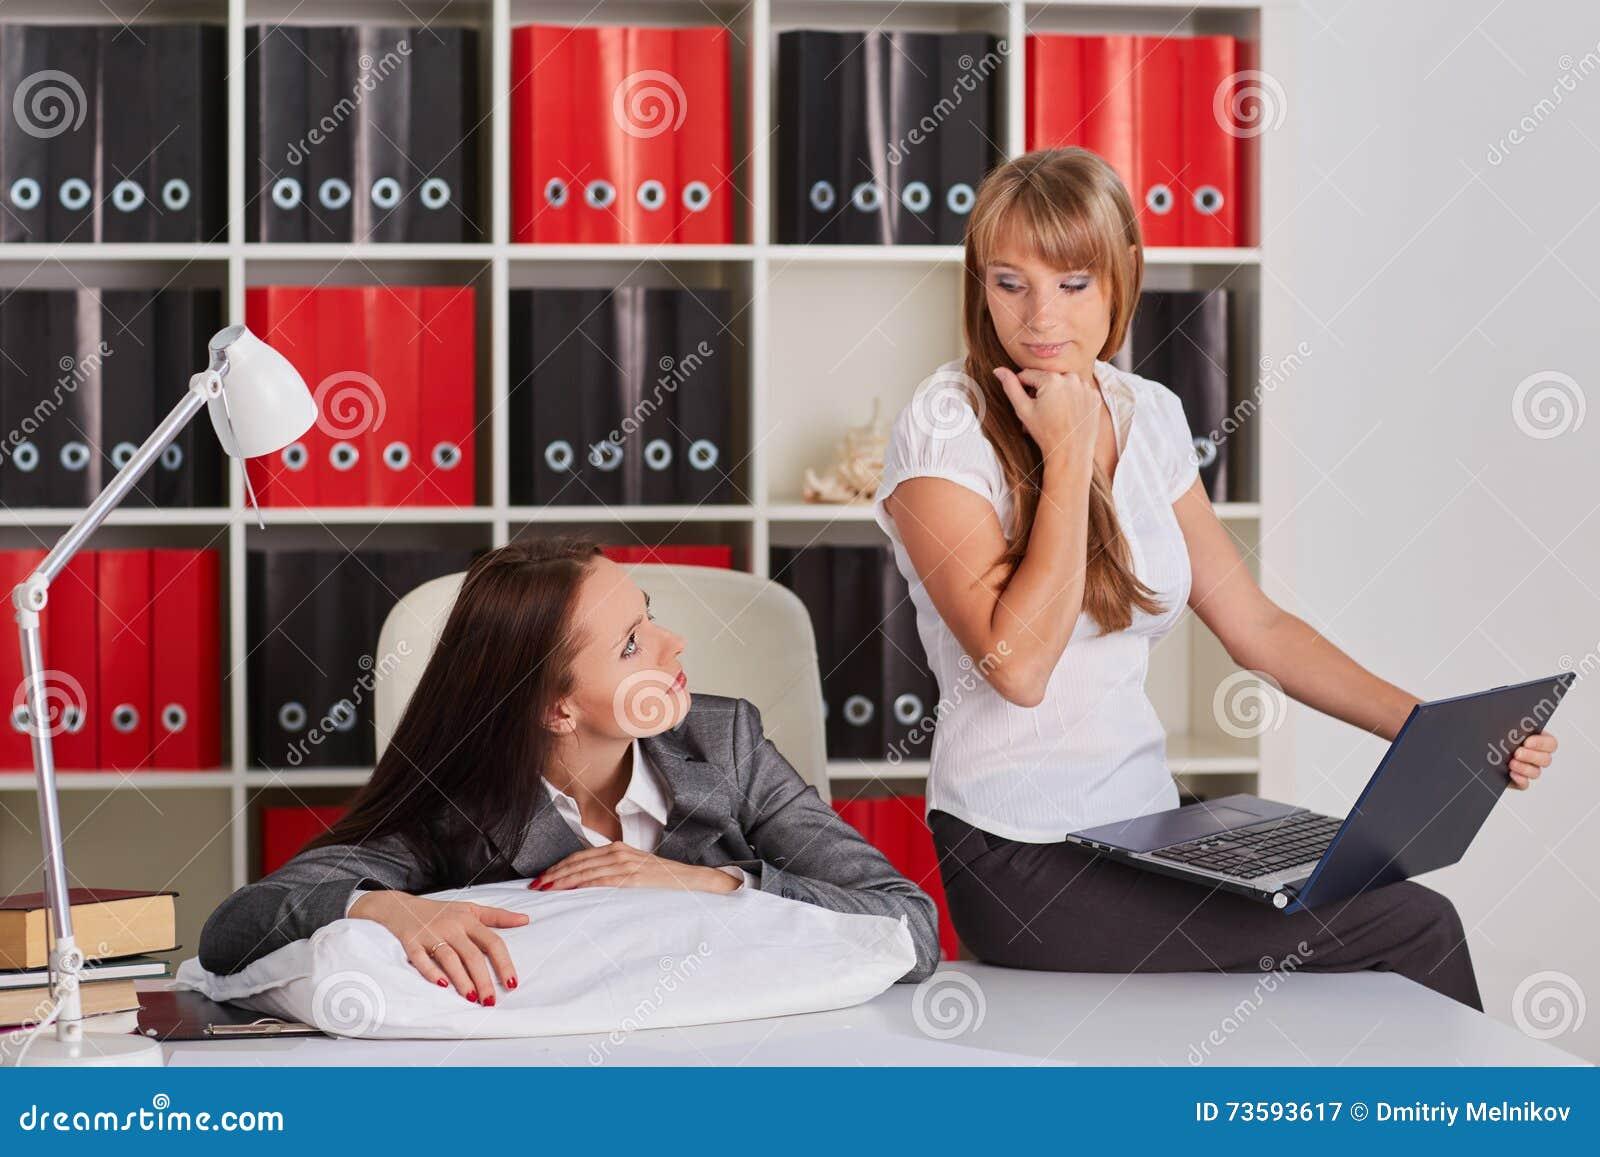 Приват фото спящих женщин, порно умело дрочит